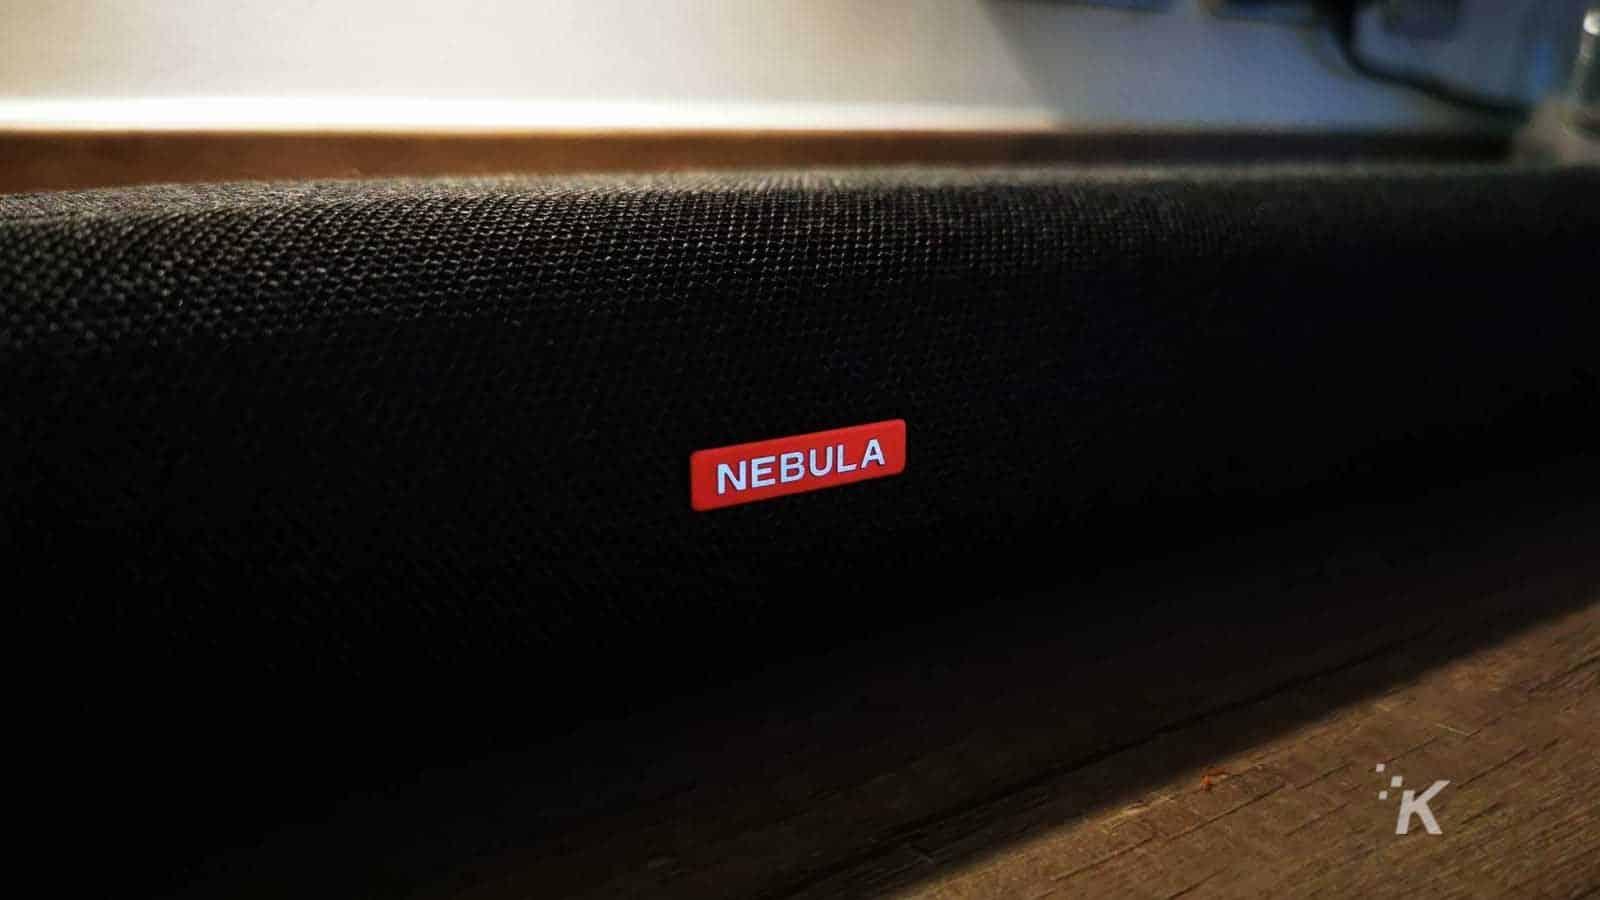 nebula soundbar close up